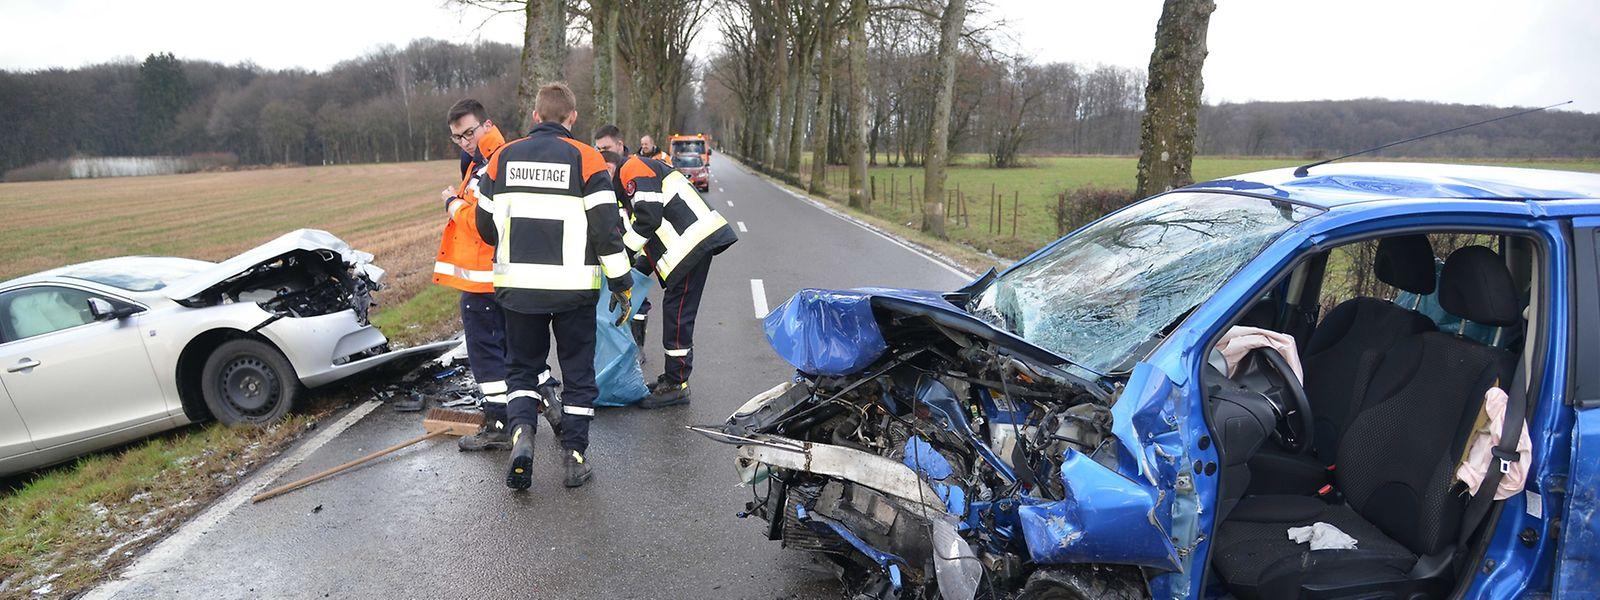 Zwischen Hostert und Redingen/Attert kam es am Dienstag zu einer Frontalkollision.